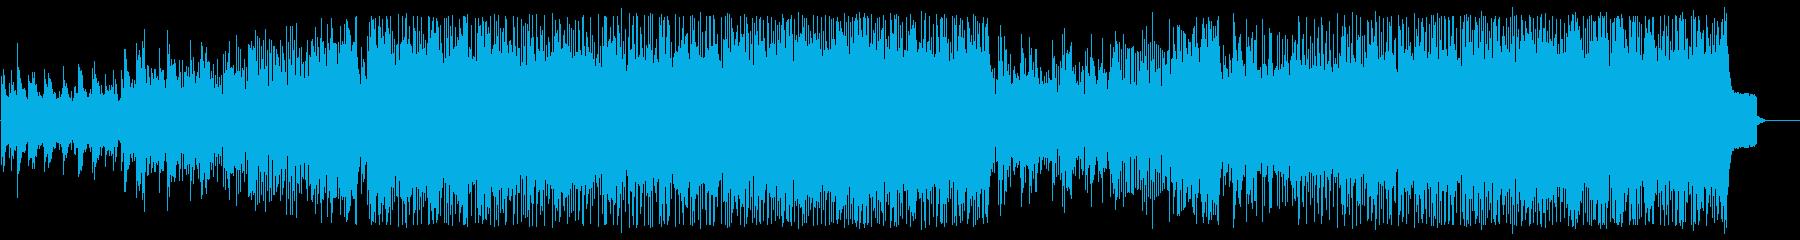 明るいビートの綺麗なテクノポップの曲の再生済みの波形